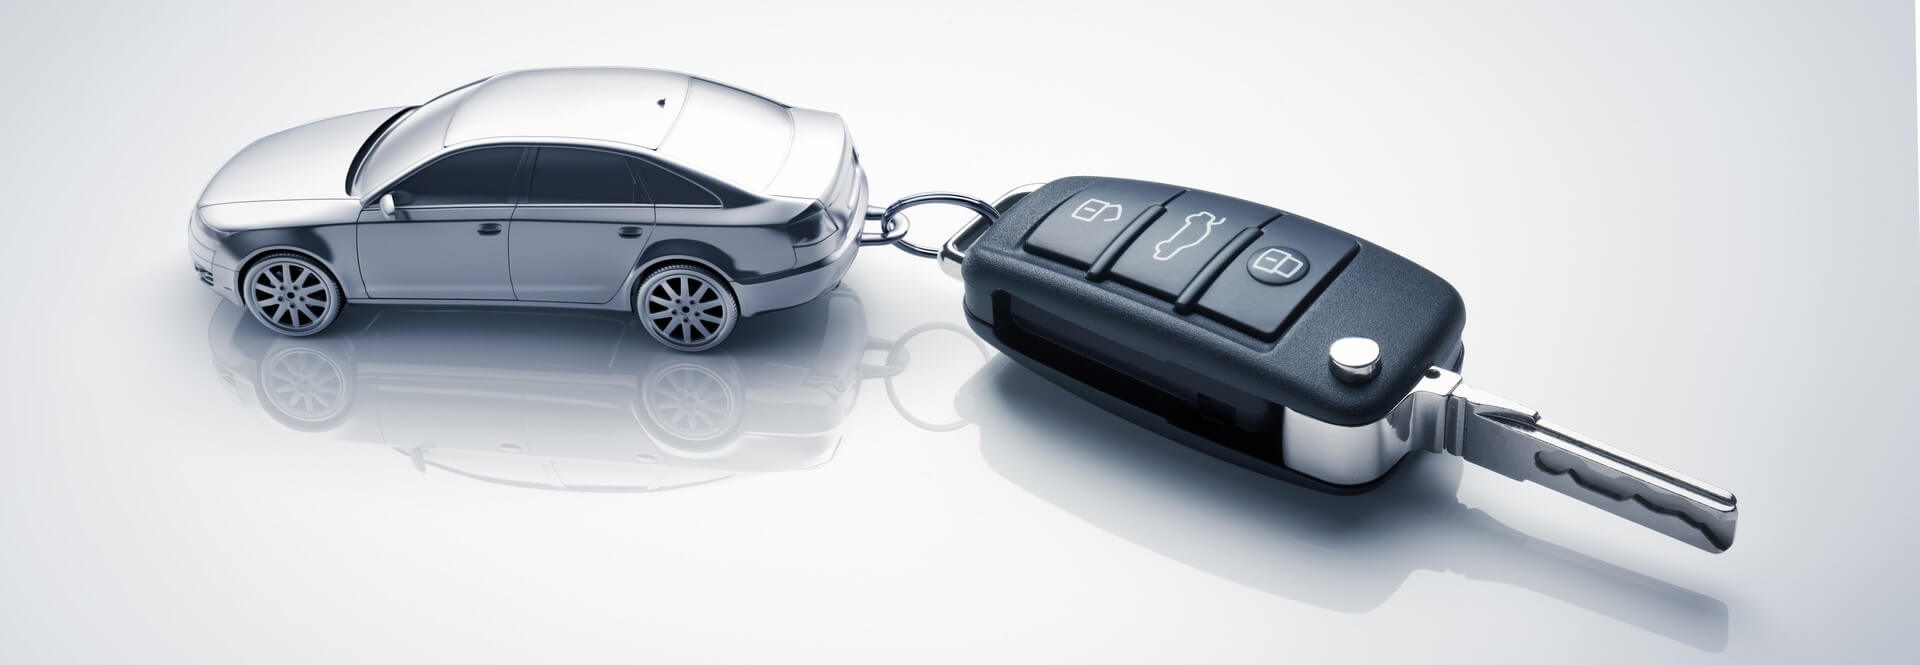 Clé de voiture avec un systeme de verrouillage centralise.